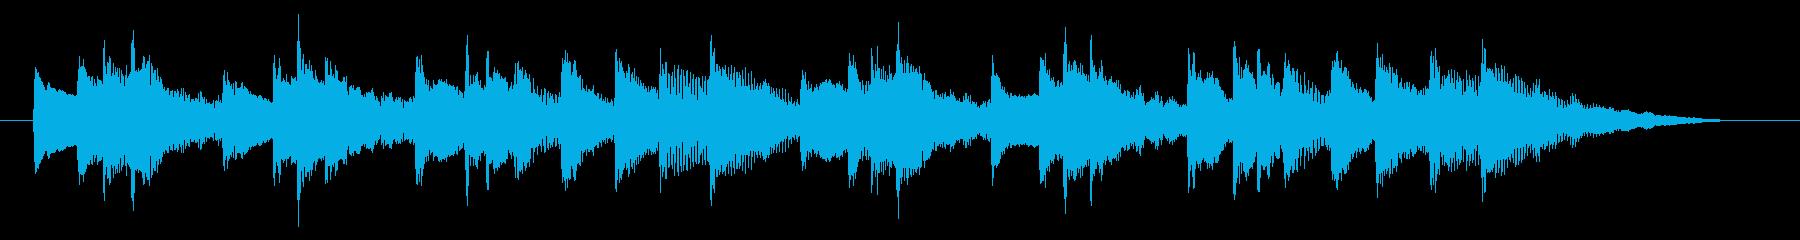 メタルハープの神秘的なBGMの再生済みの波形